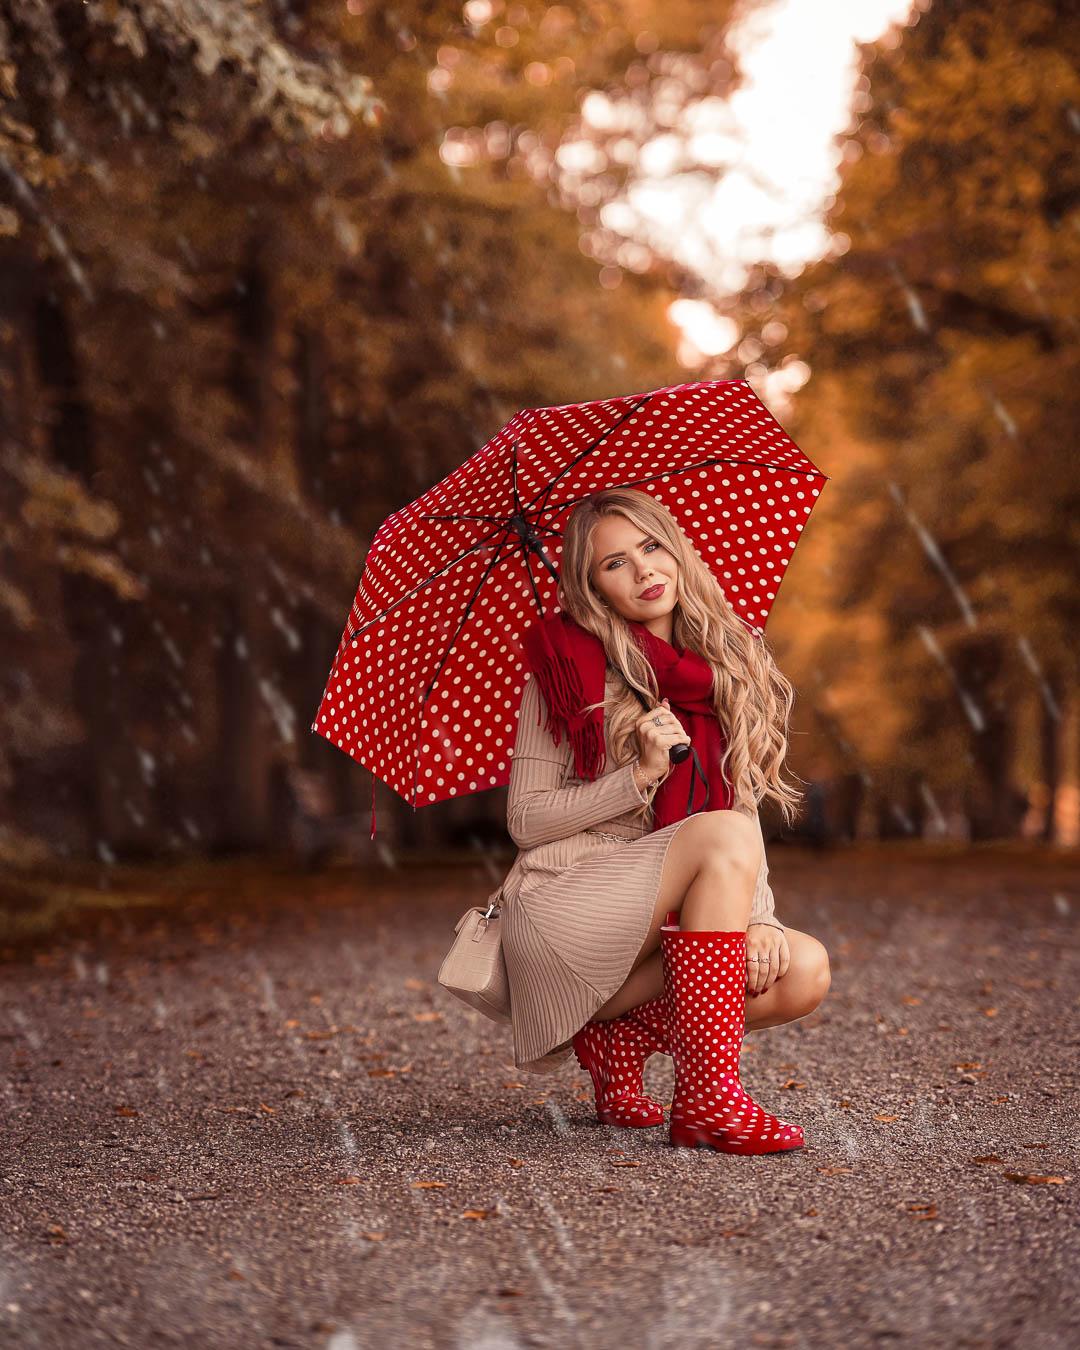 Herbstbilder bei Regenwetter im Wald